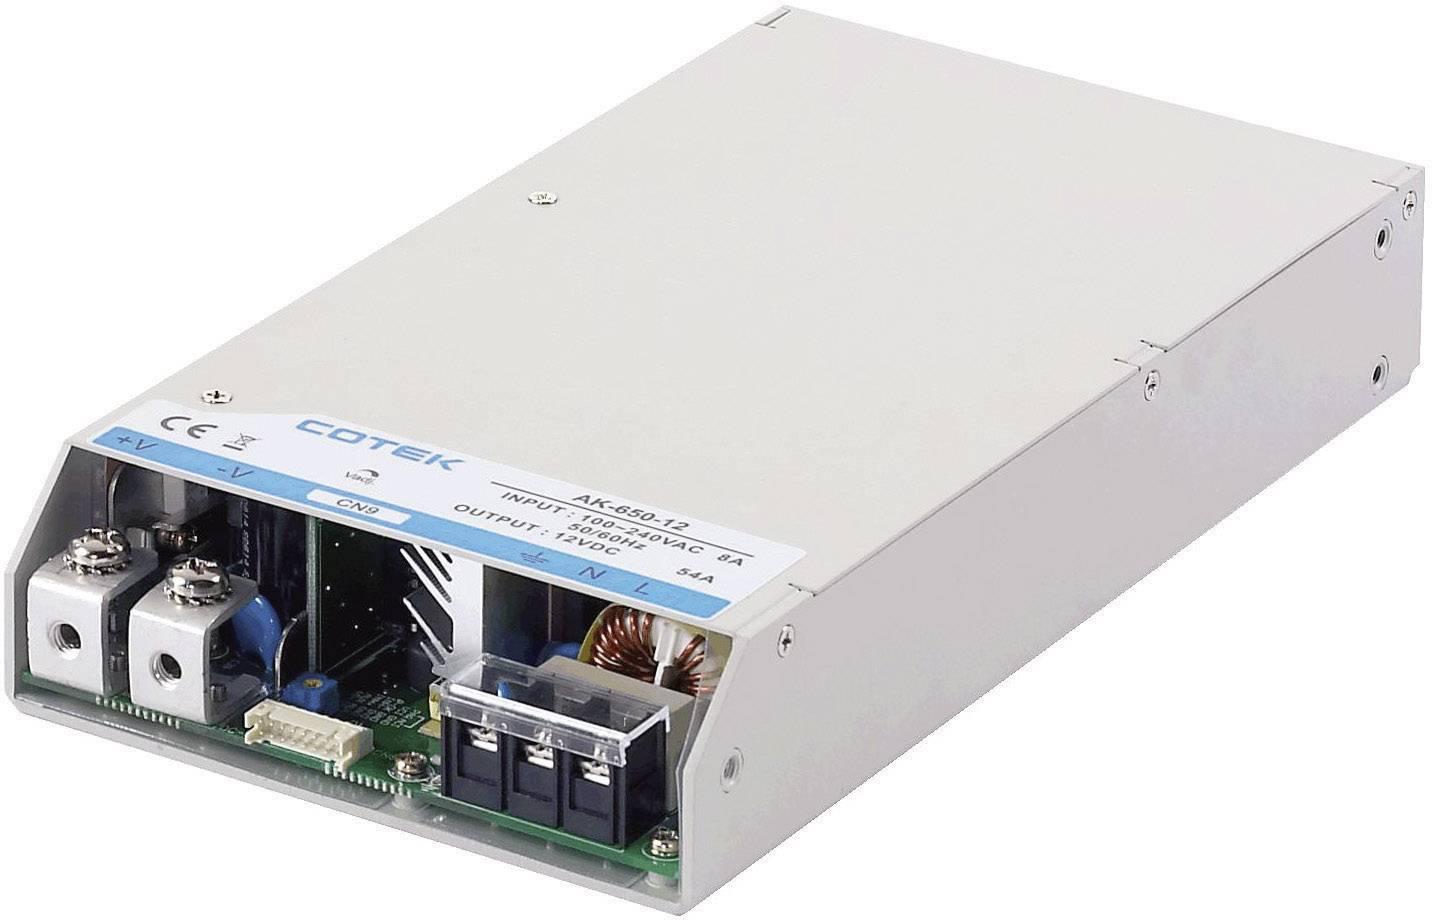 Zabudovateľný zdroj AC/DC Cotek AK 650-05, 5 V/DC, 100 A, 500 W